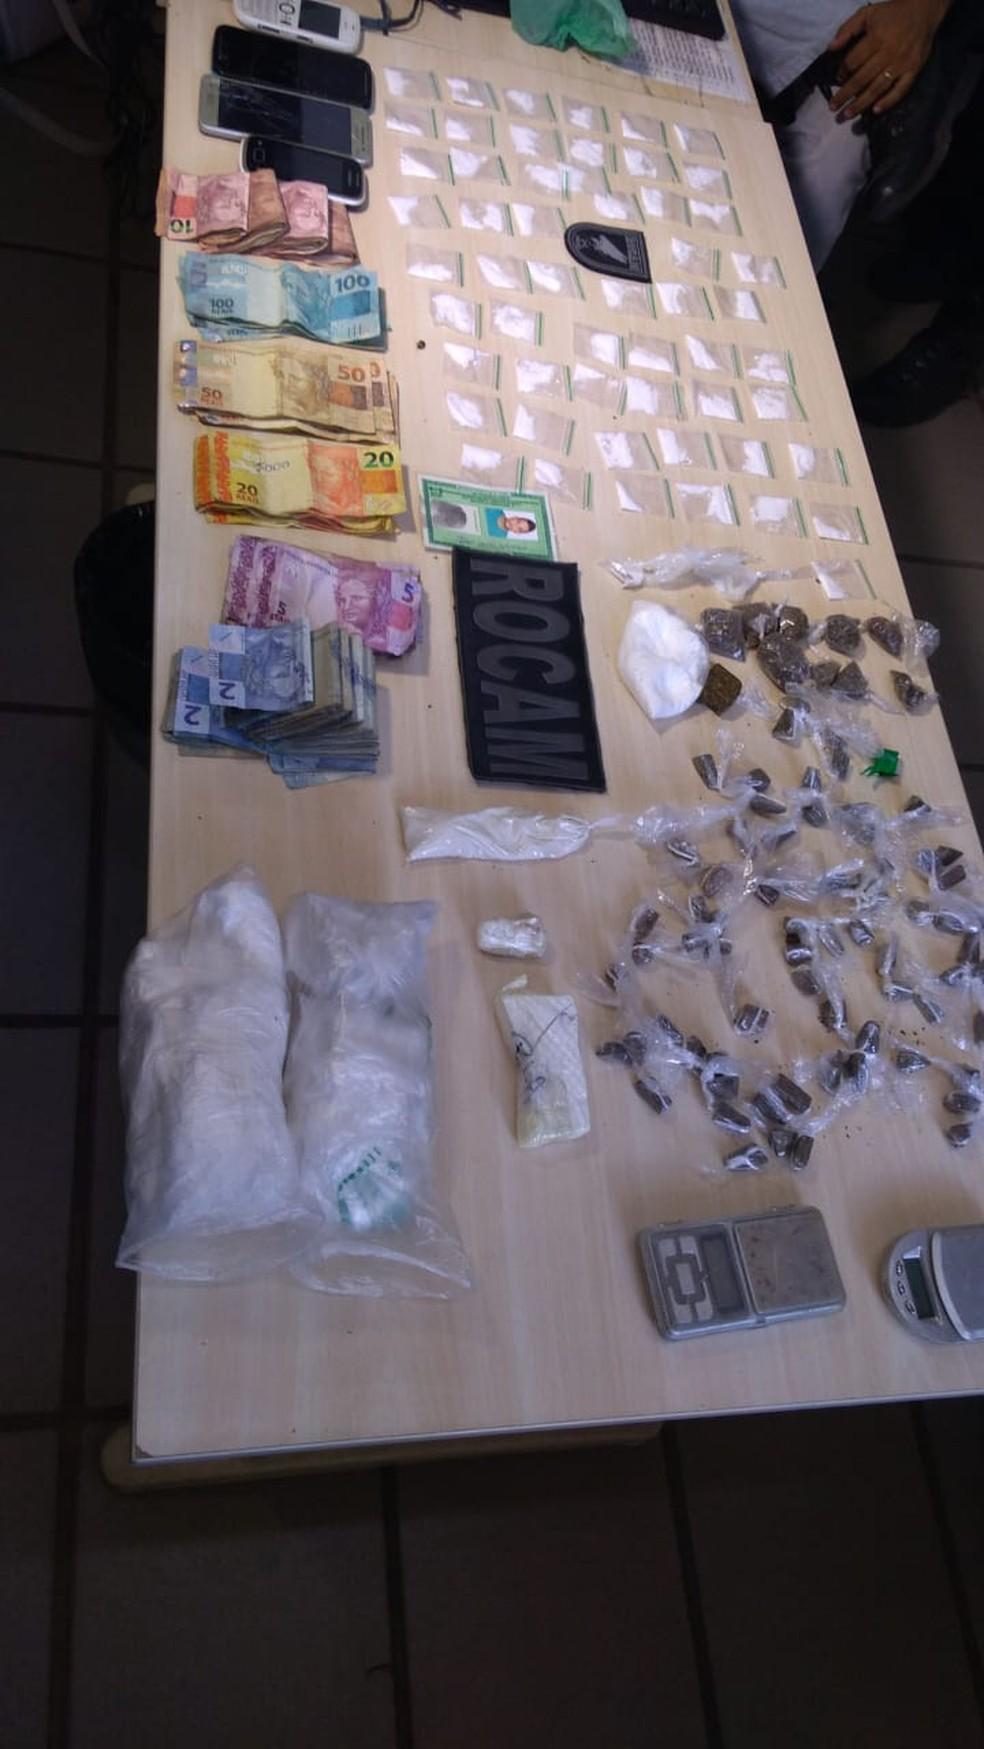 Polícia encontrou dinheiro, drogas, celulares e balanças de precisão com traficante, neste sábado (23), na Zona Oeste de Natal — Foto: Geraldo Jerônimo/Inter TV Cabugi